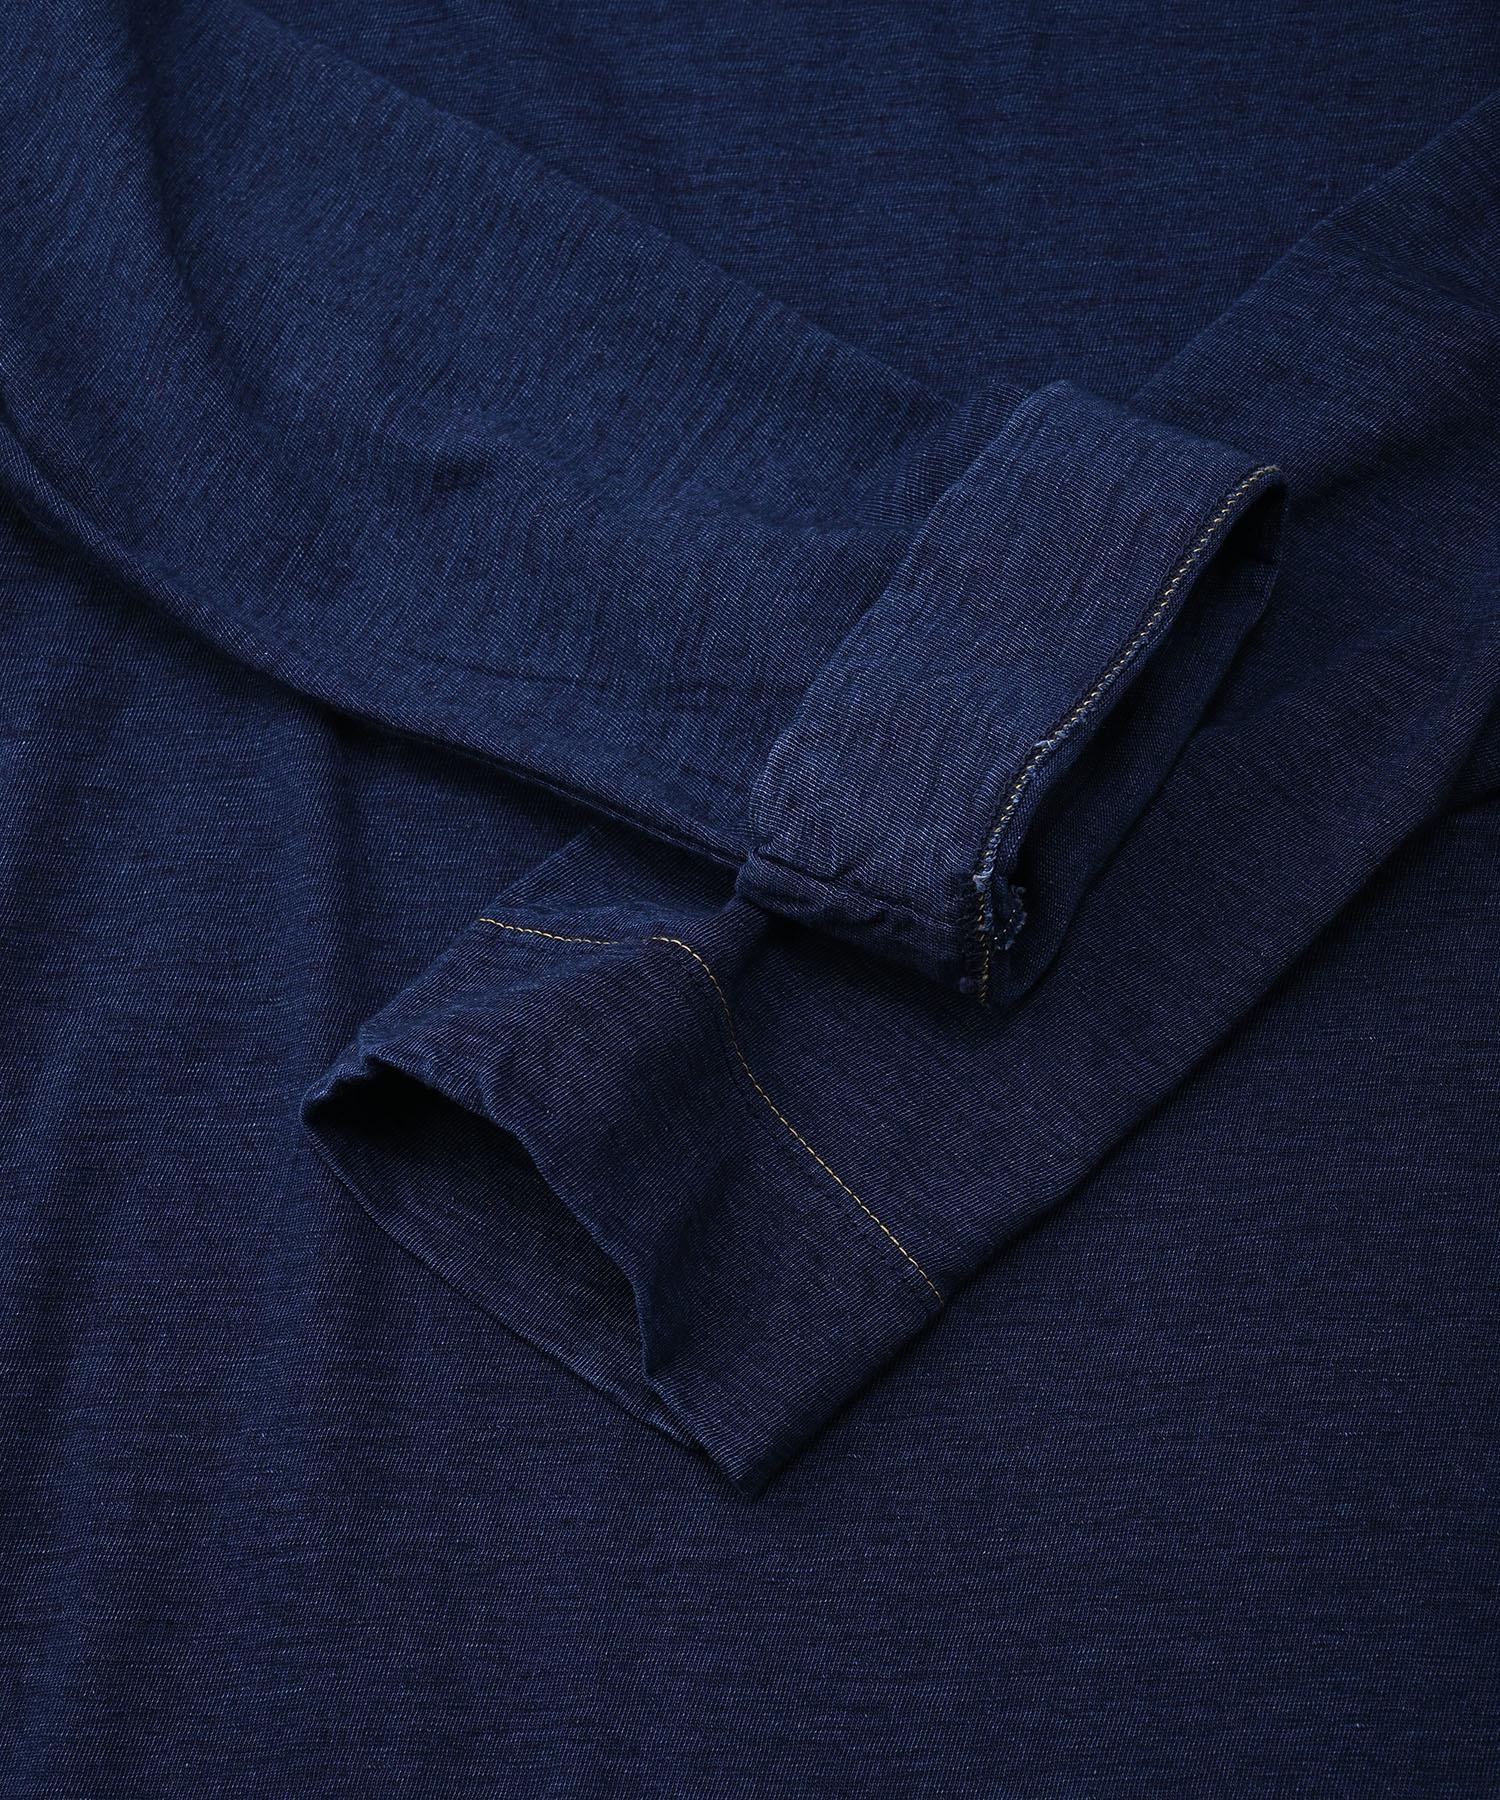 Indigo Zimbabwe Cotton Umahiko Dress (0421)-11